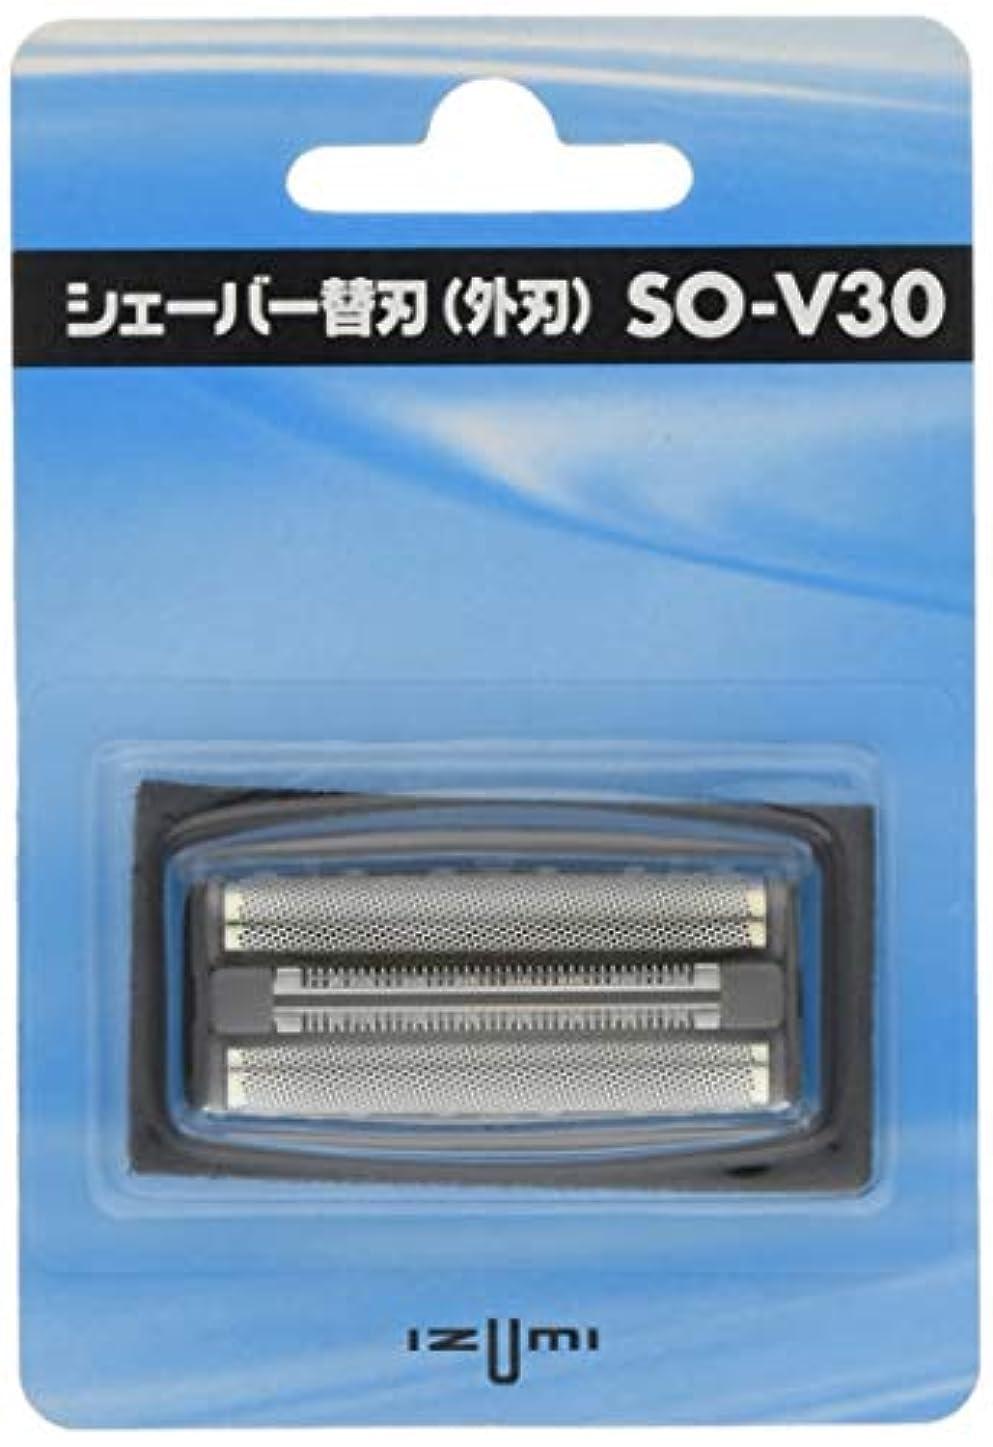 冗談でライトニング無知泉精器製作所 メンズシェーバー シェーバー用替刃(外刃) SO-V30